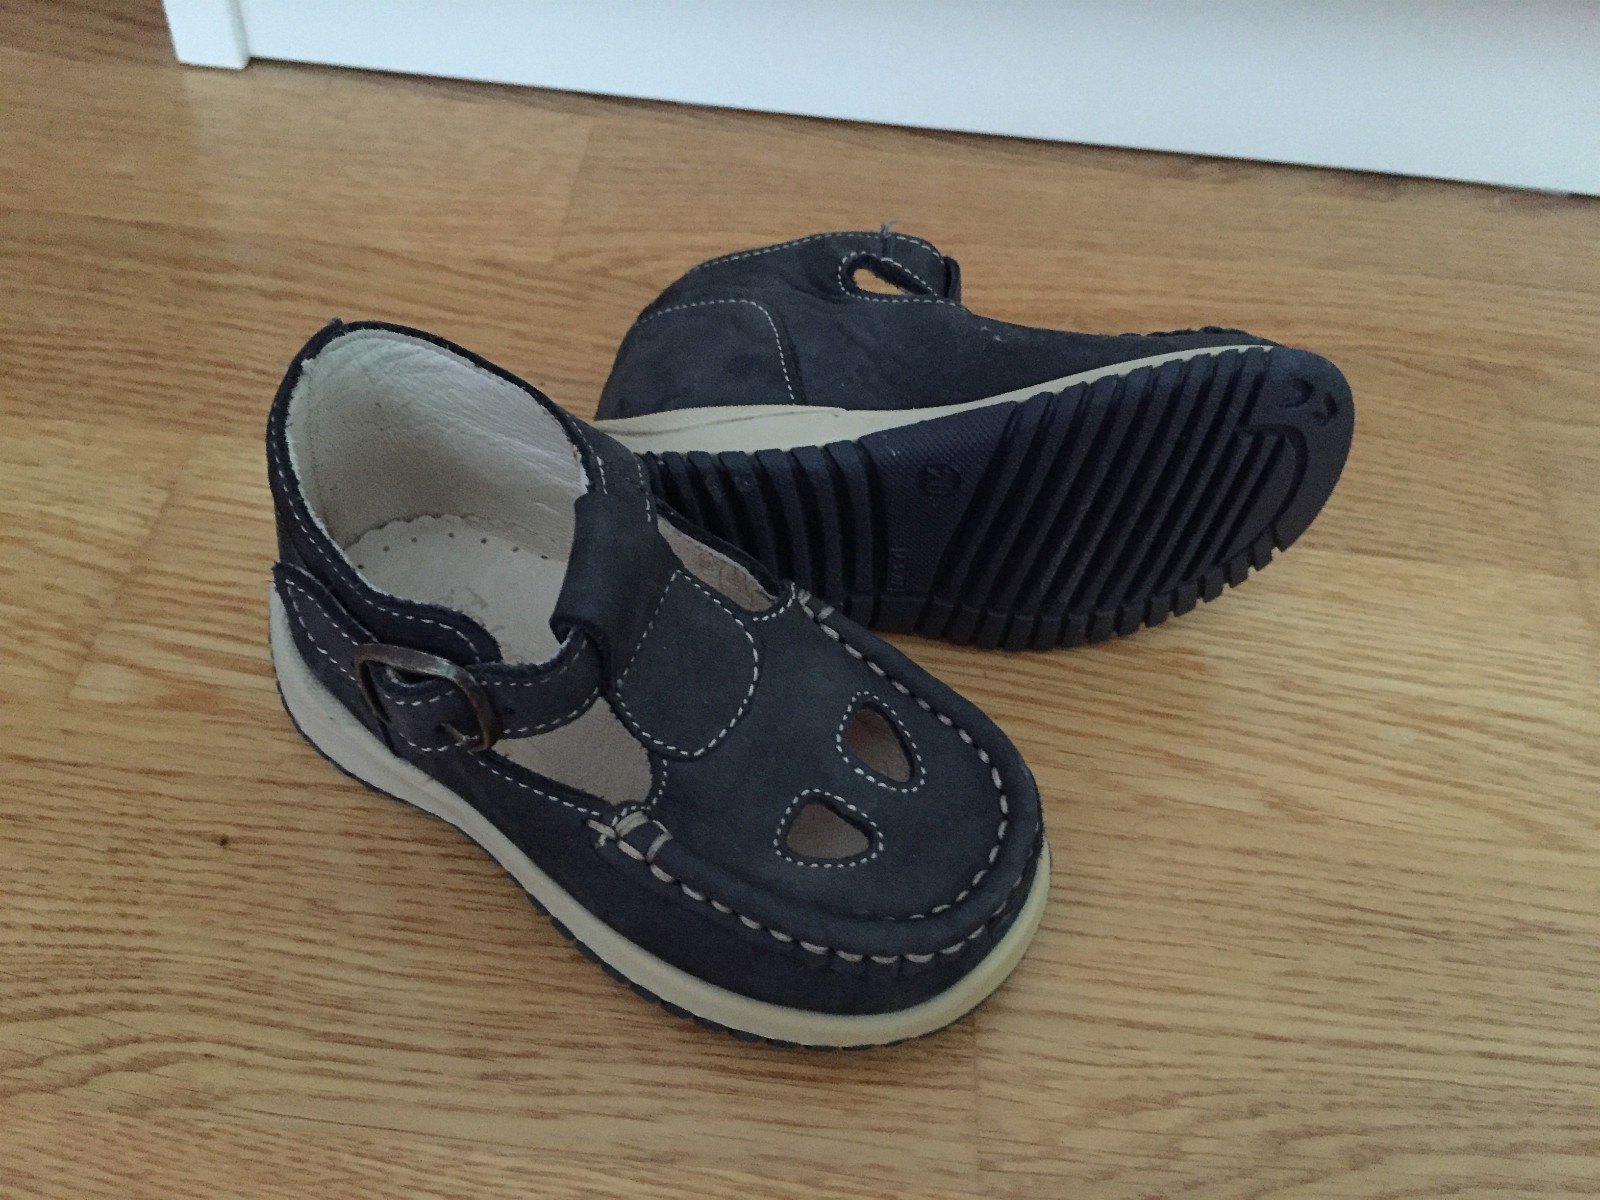 Sandal str. 20 (Ubrukt!) - Varhaug  - Sandal til salgs! Str. 20 (13,5cm) Skinn Ubrukt, bare prøvd! - Varhaug